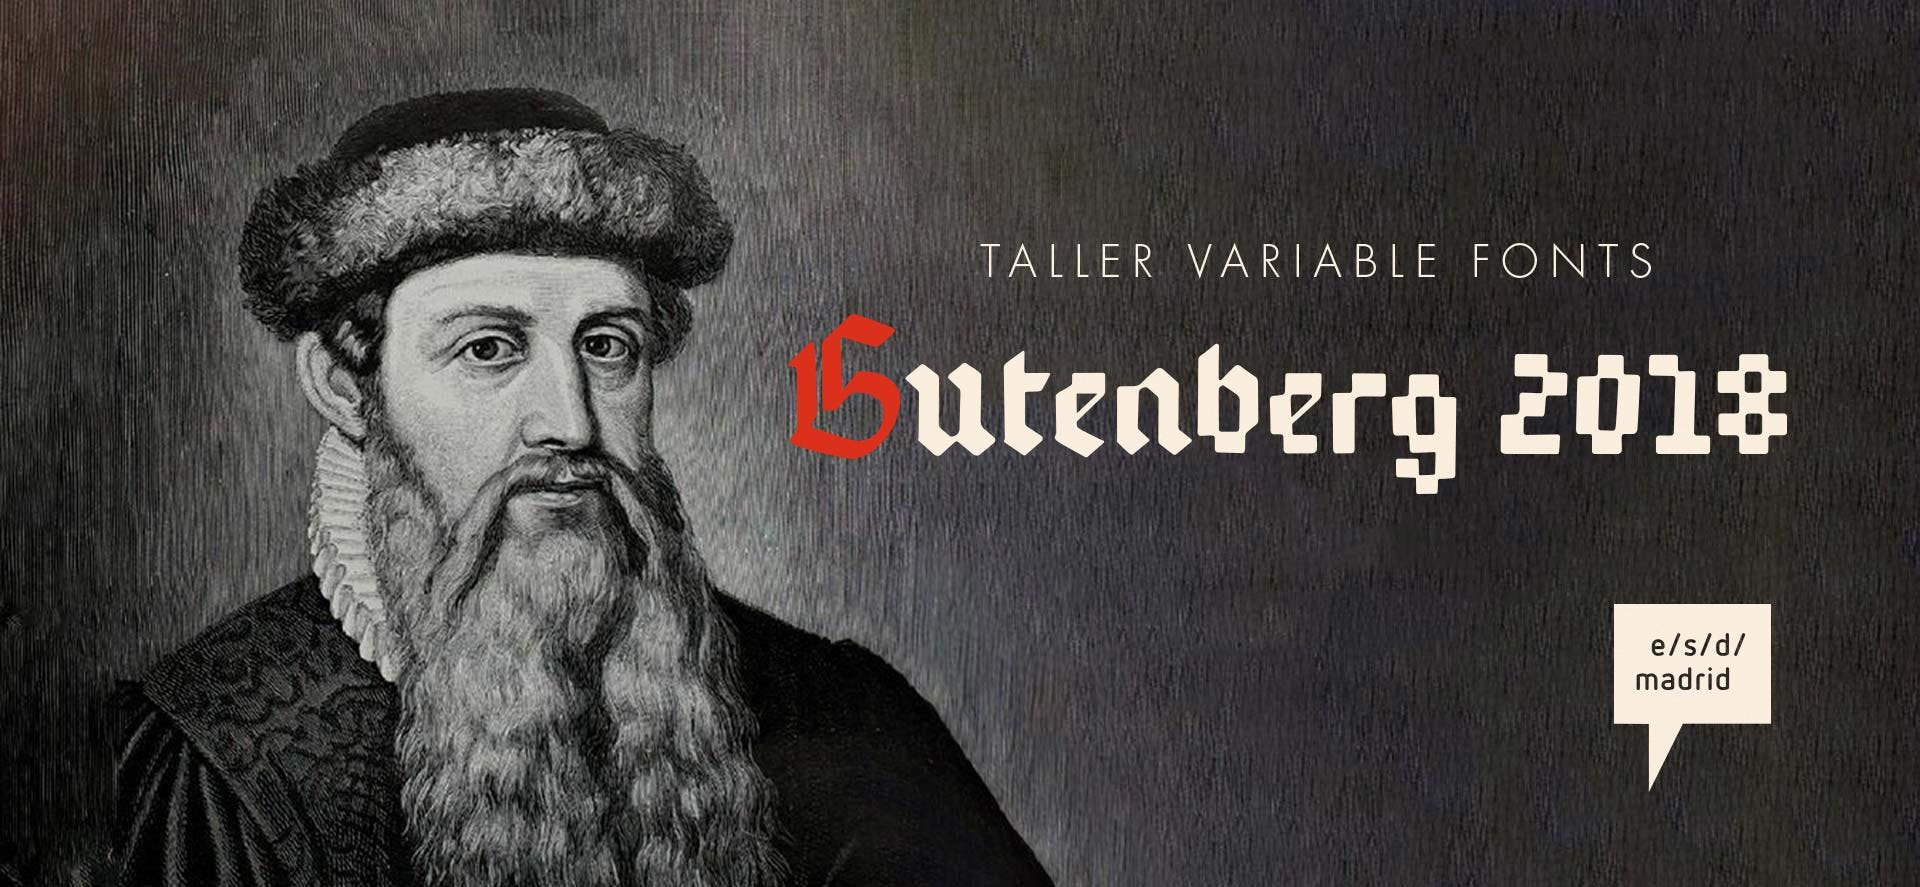 Gutenberg 2018 Madrid (Taller tipografía digi